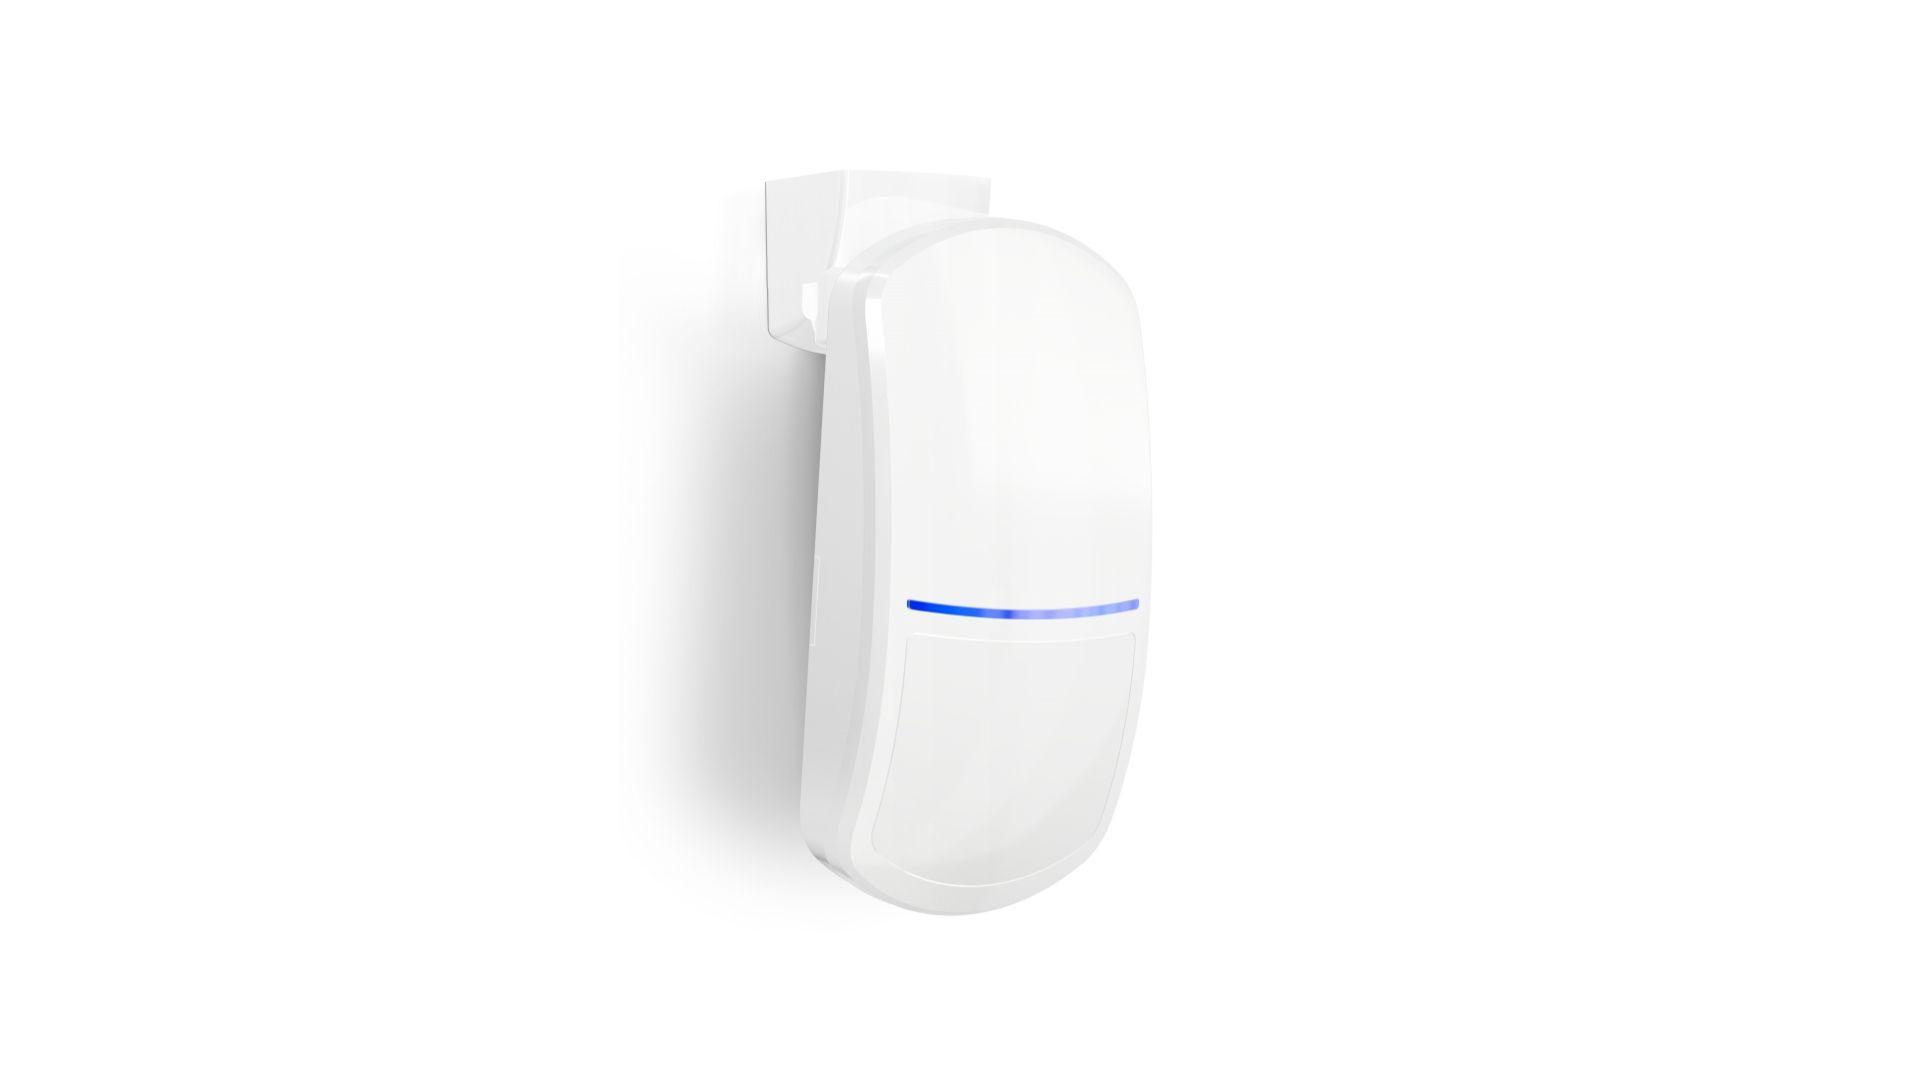 Czujka Slim-Dual-Pro/Satel. Produkt zgłoszony do konkursu Dobry Design 2020.